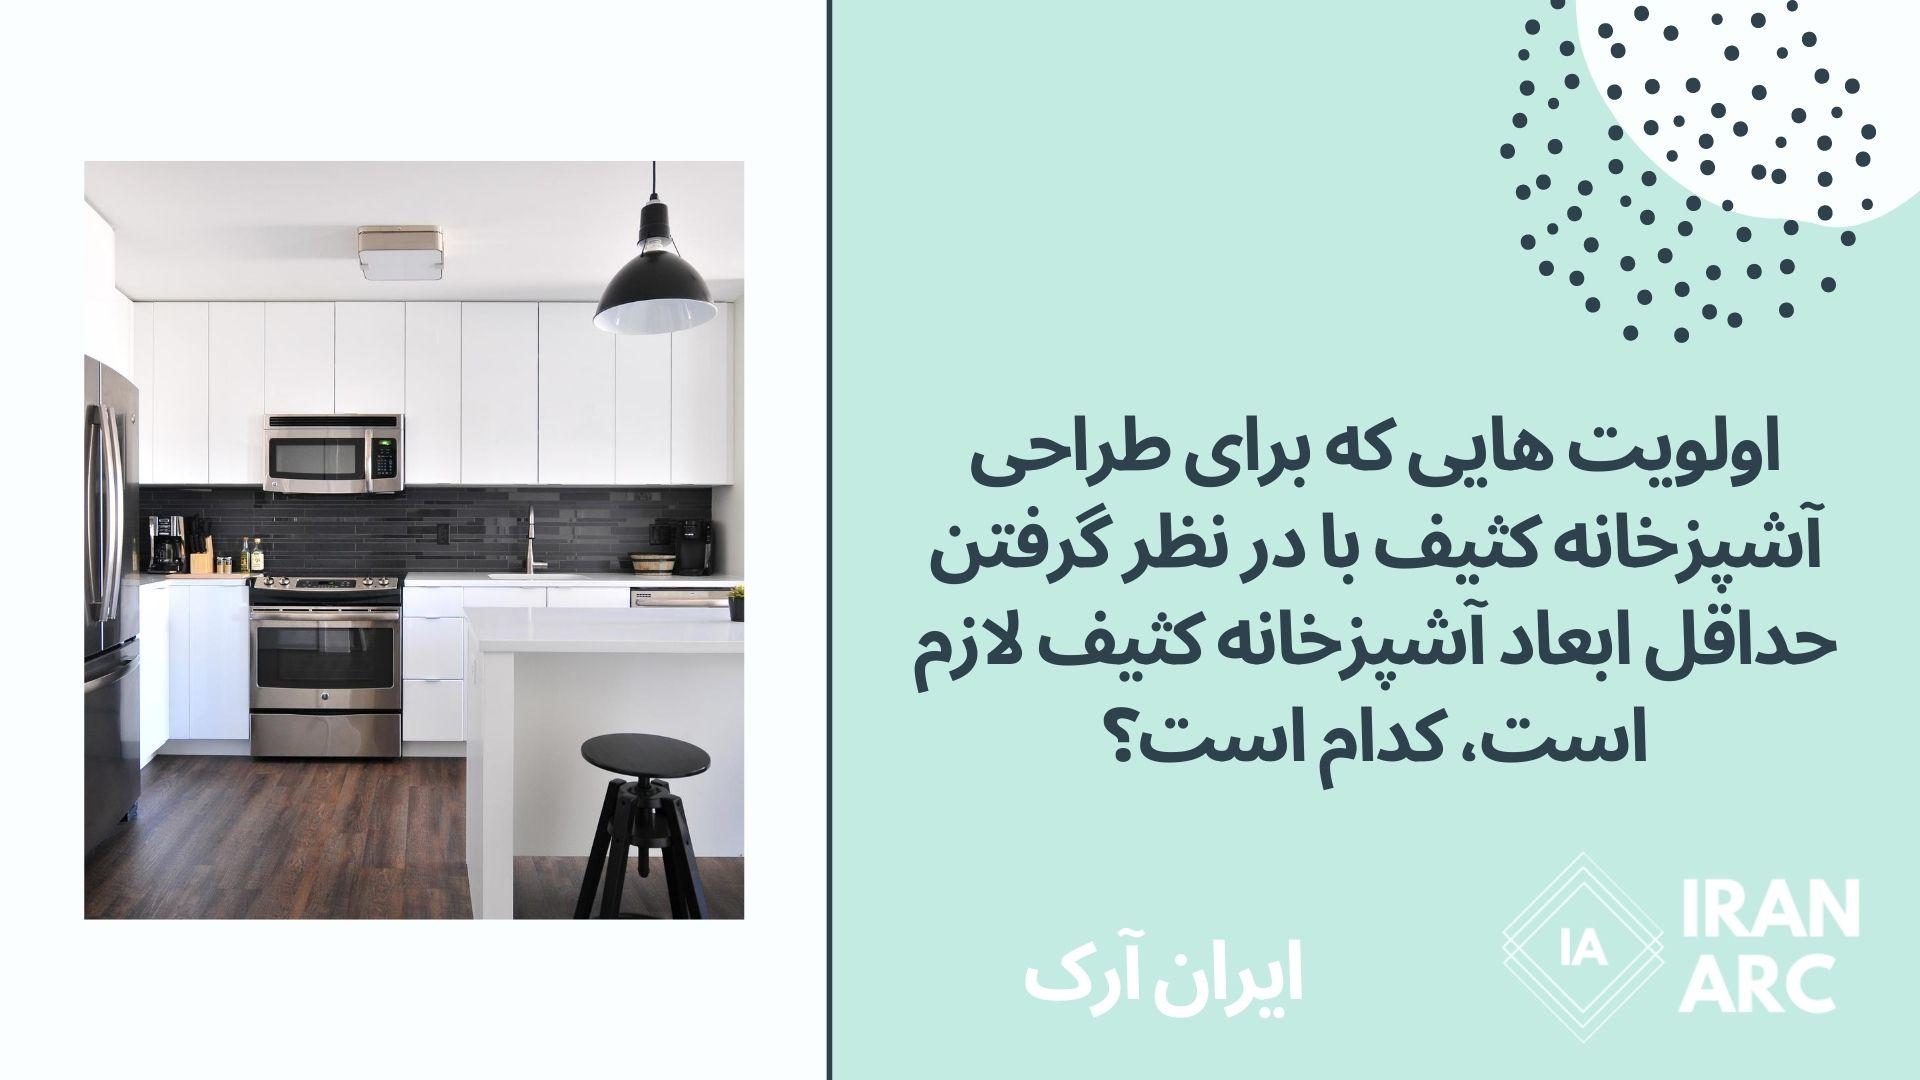 اولویت هایی که برای طراحی آشپزخانه کثیف با در نظر گرفتن حداقل ابعاد آشپزخانه کثیف لازم است کدام است؟